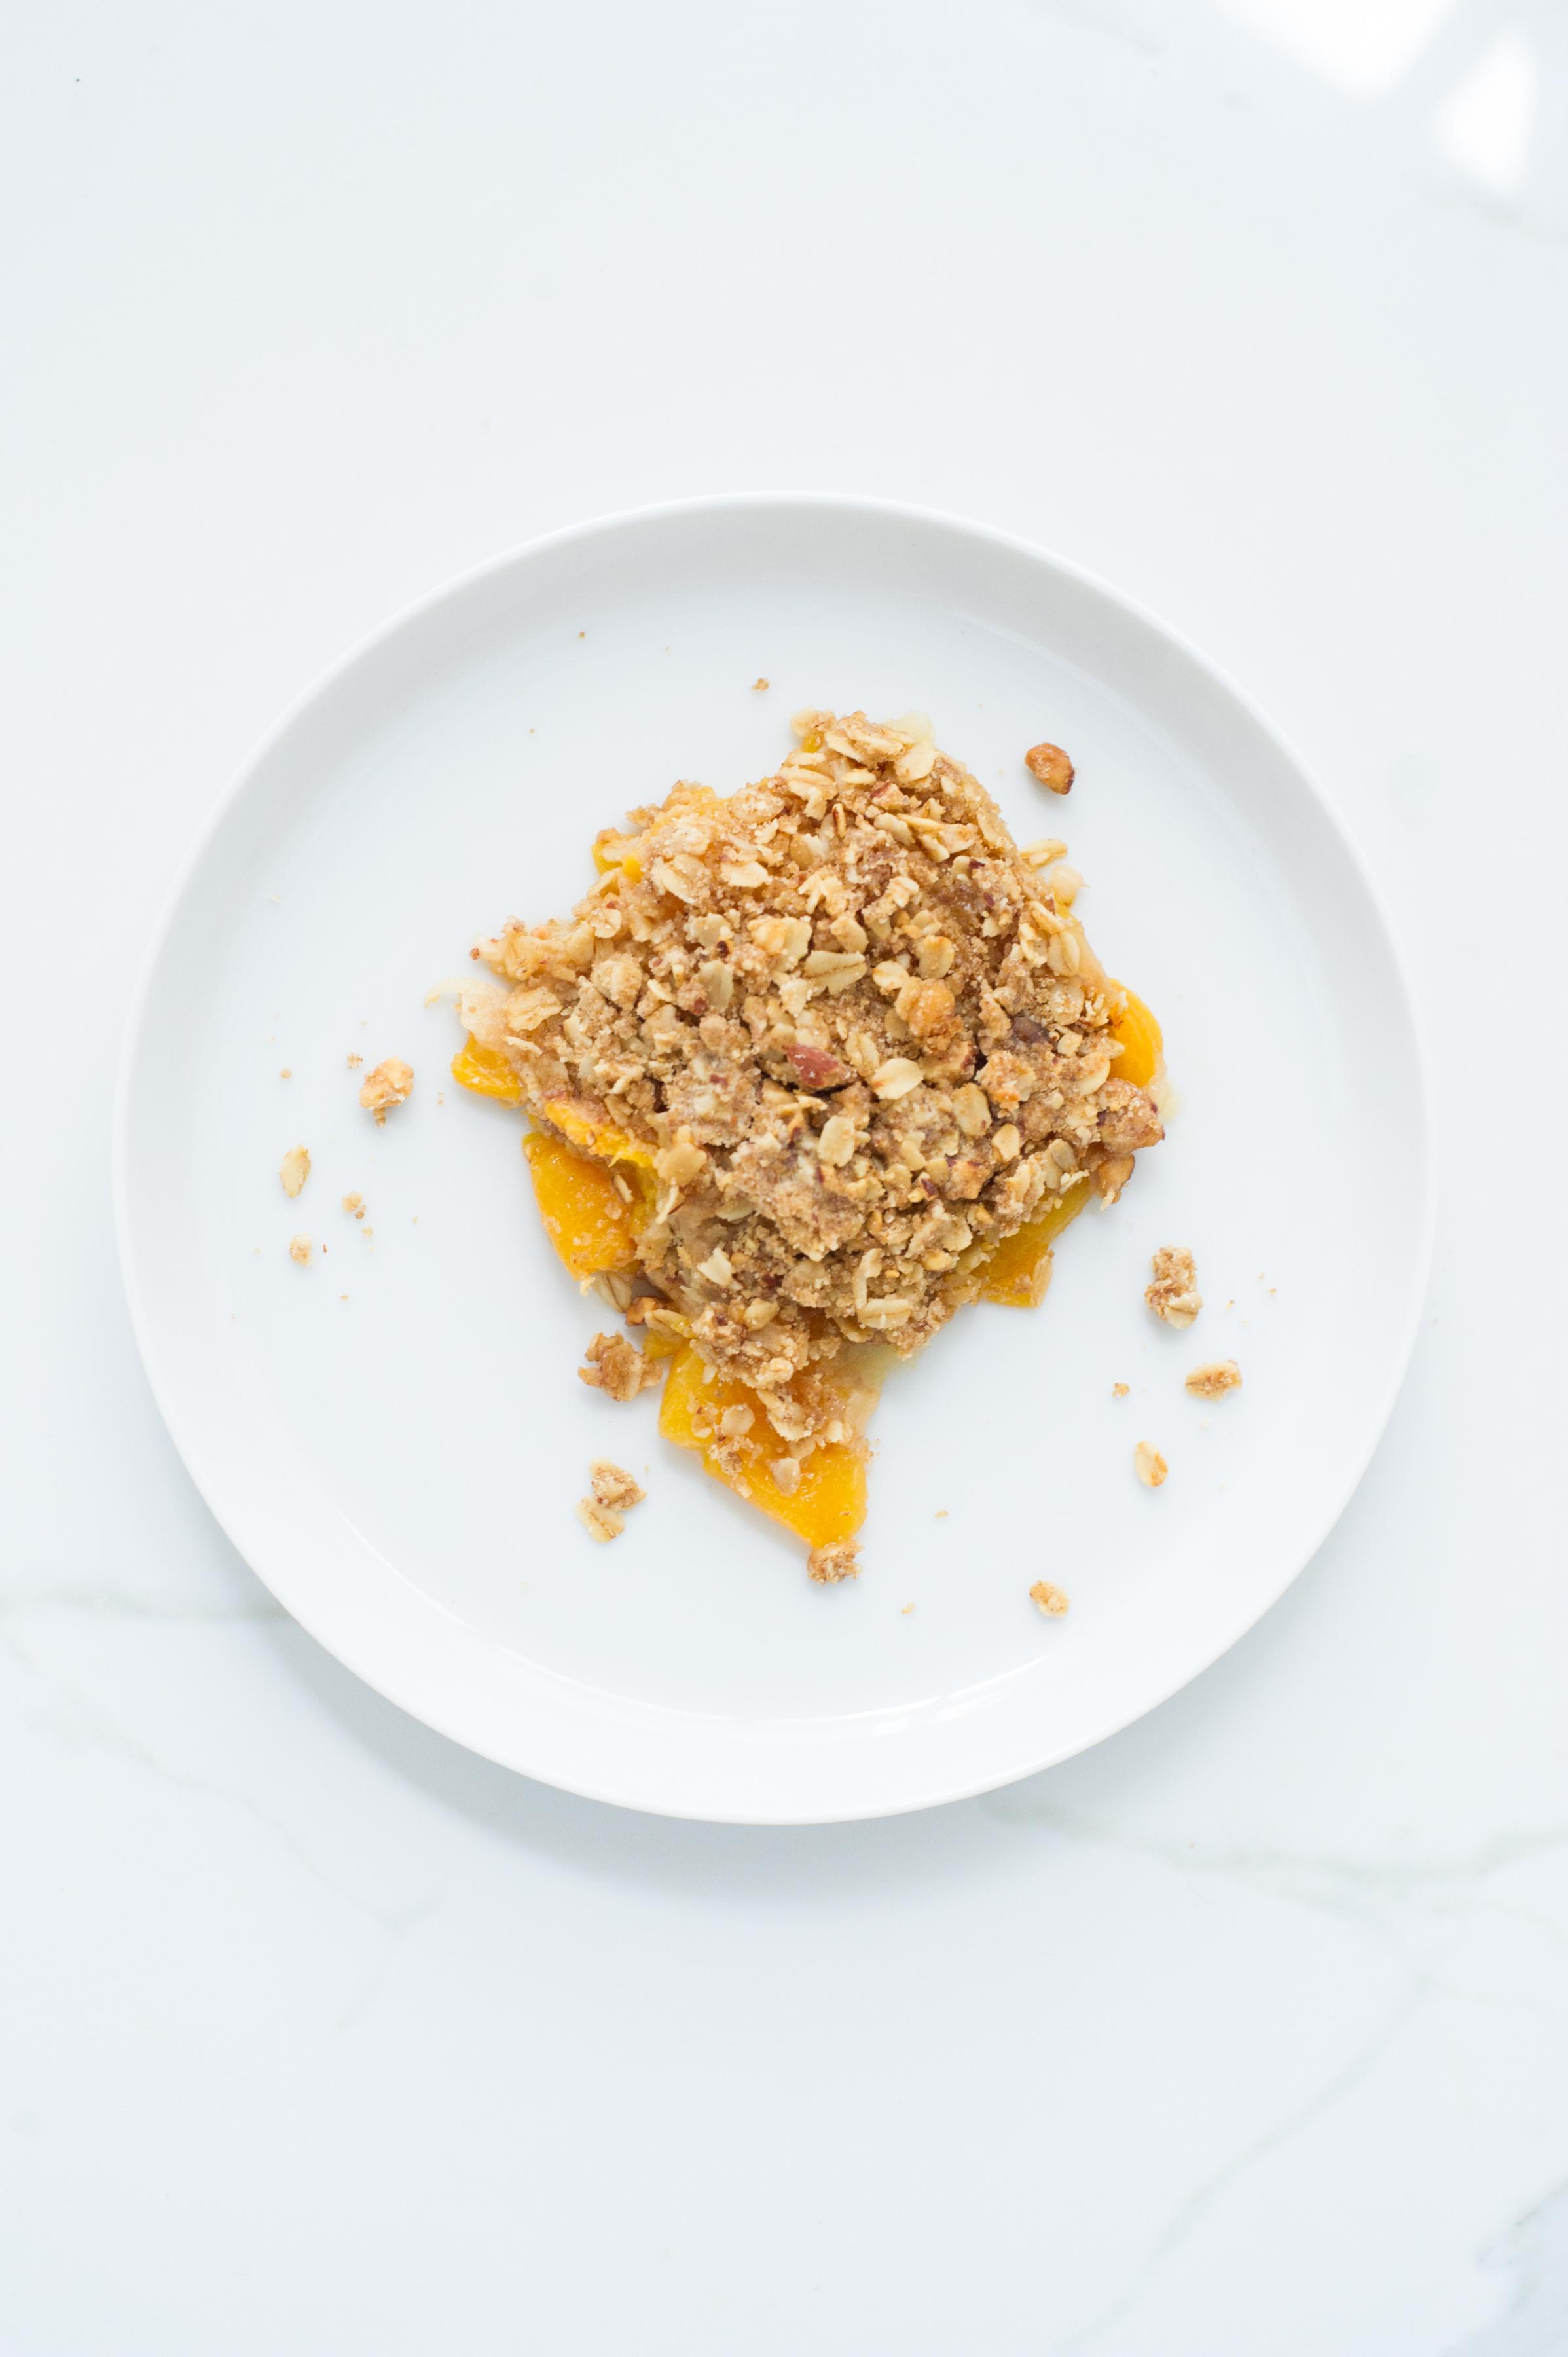 HH_10_Peach crumble_06.jpg